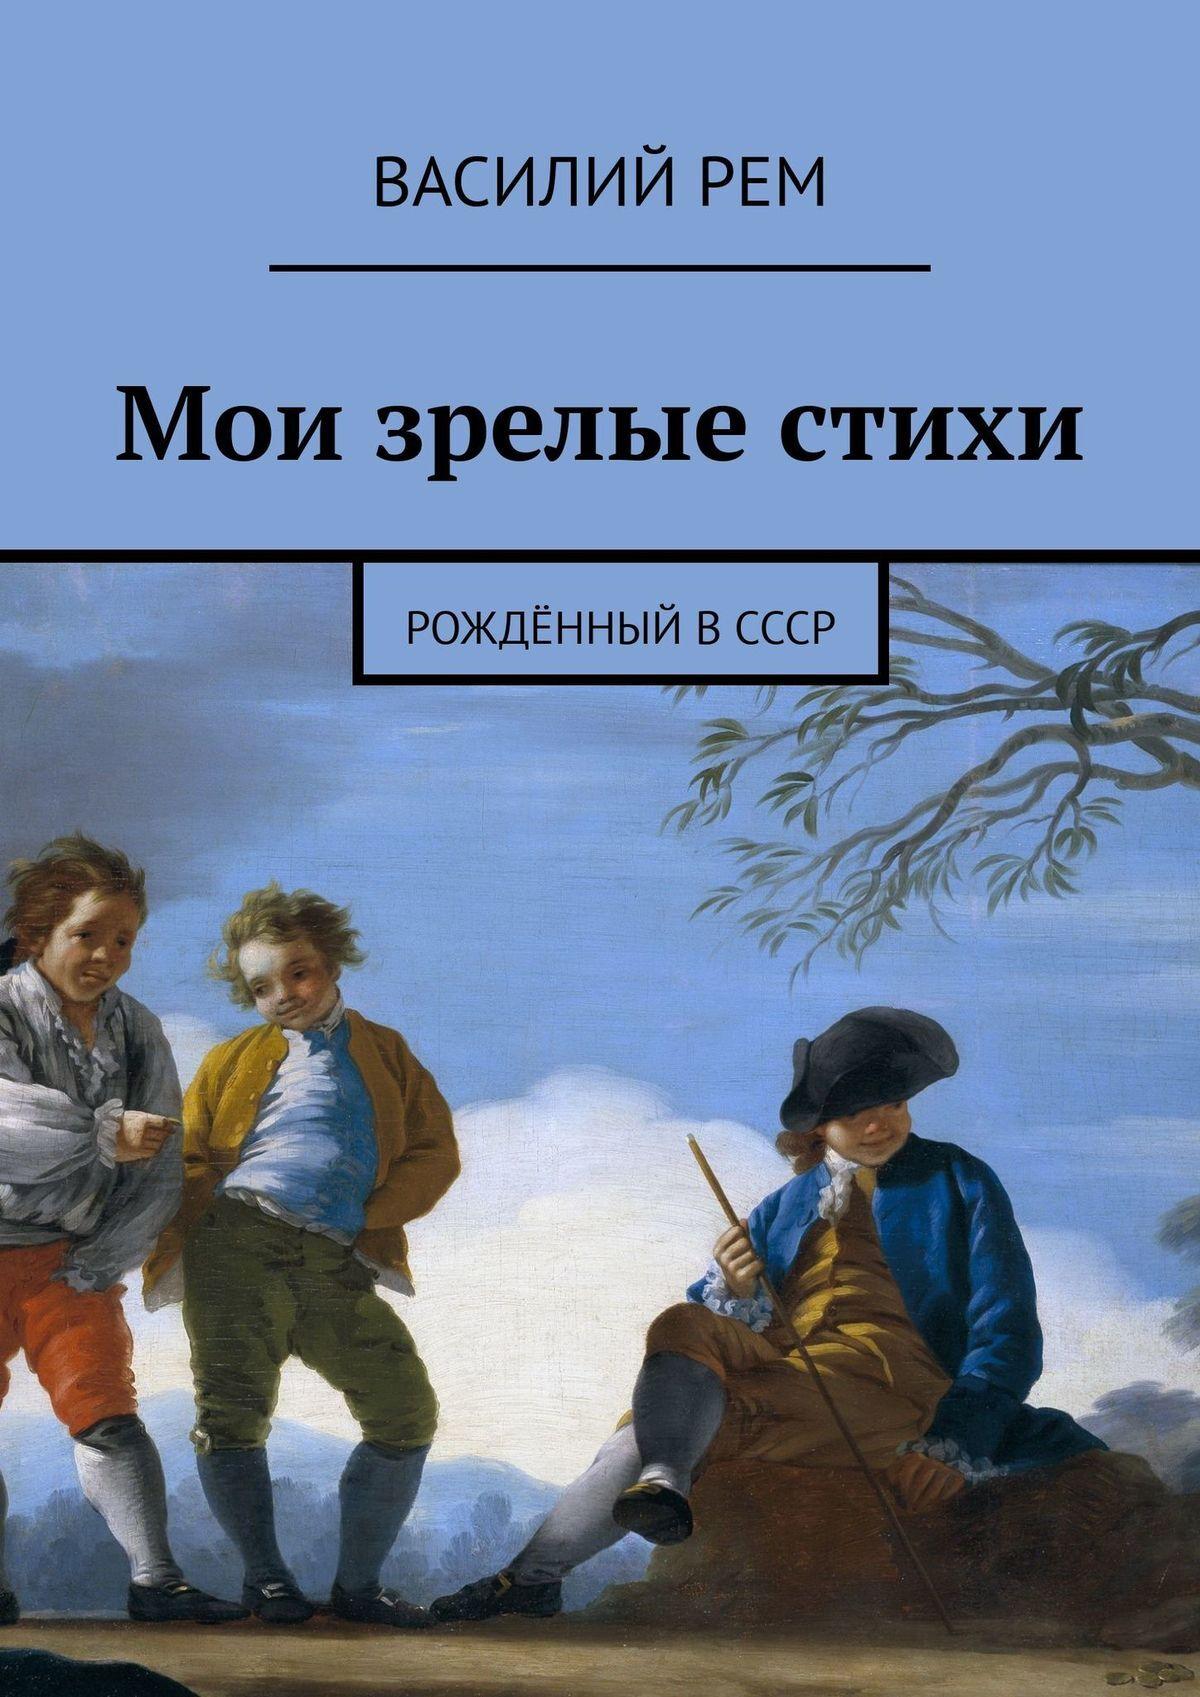 Василий Рем Мои зрелые стихи. Рожденный вСССР василий рем стихи длявсех рожденный вссср